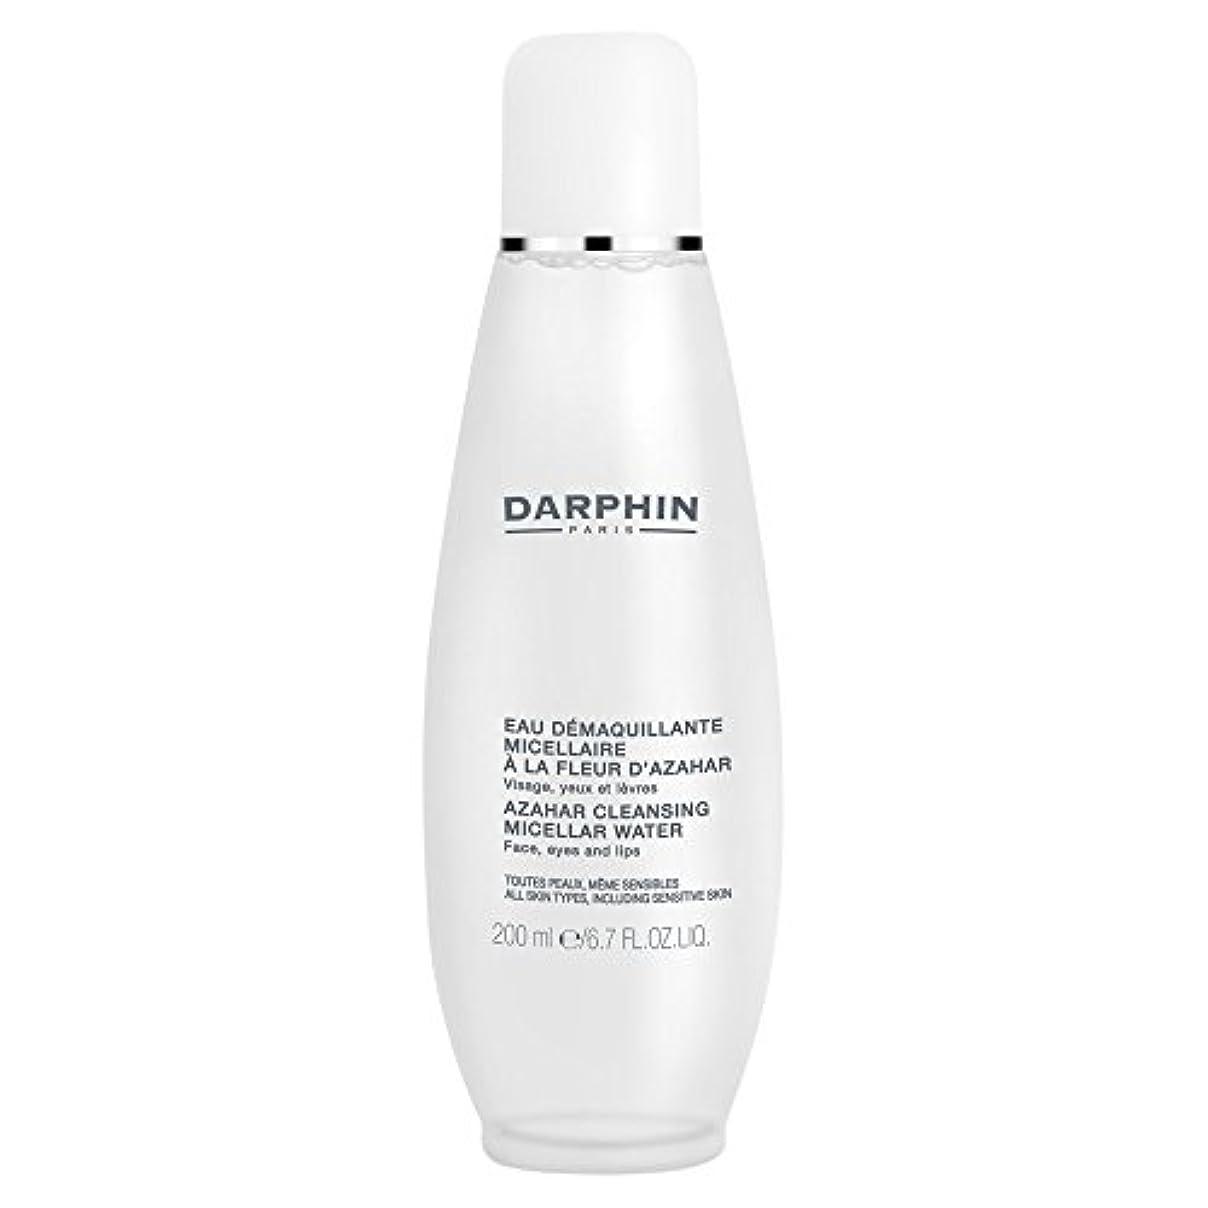 火傷銀河休憩ミセル水クレンジングアサールダルファン、200ミリリットル (Darphin) (x6) - Darphin Azahar Cleansing Micellar Water, 200ml (Pack of 6) [並行輸入品]